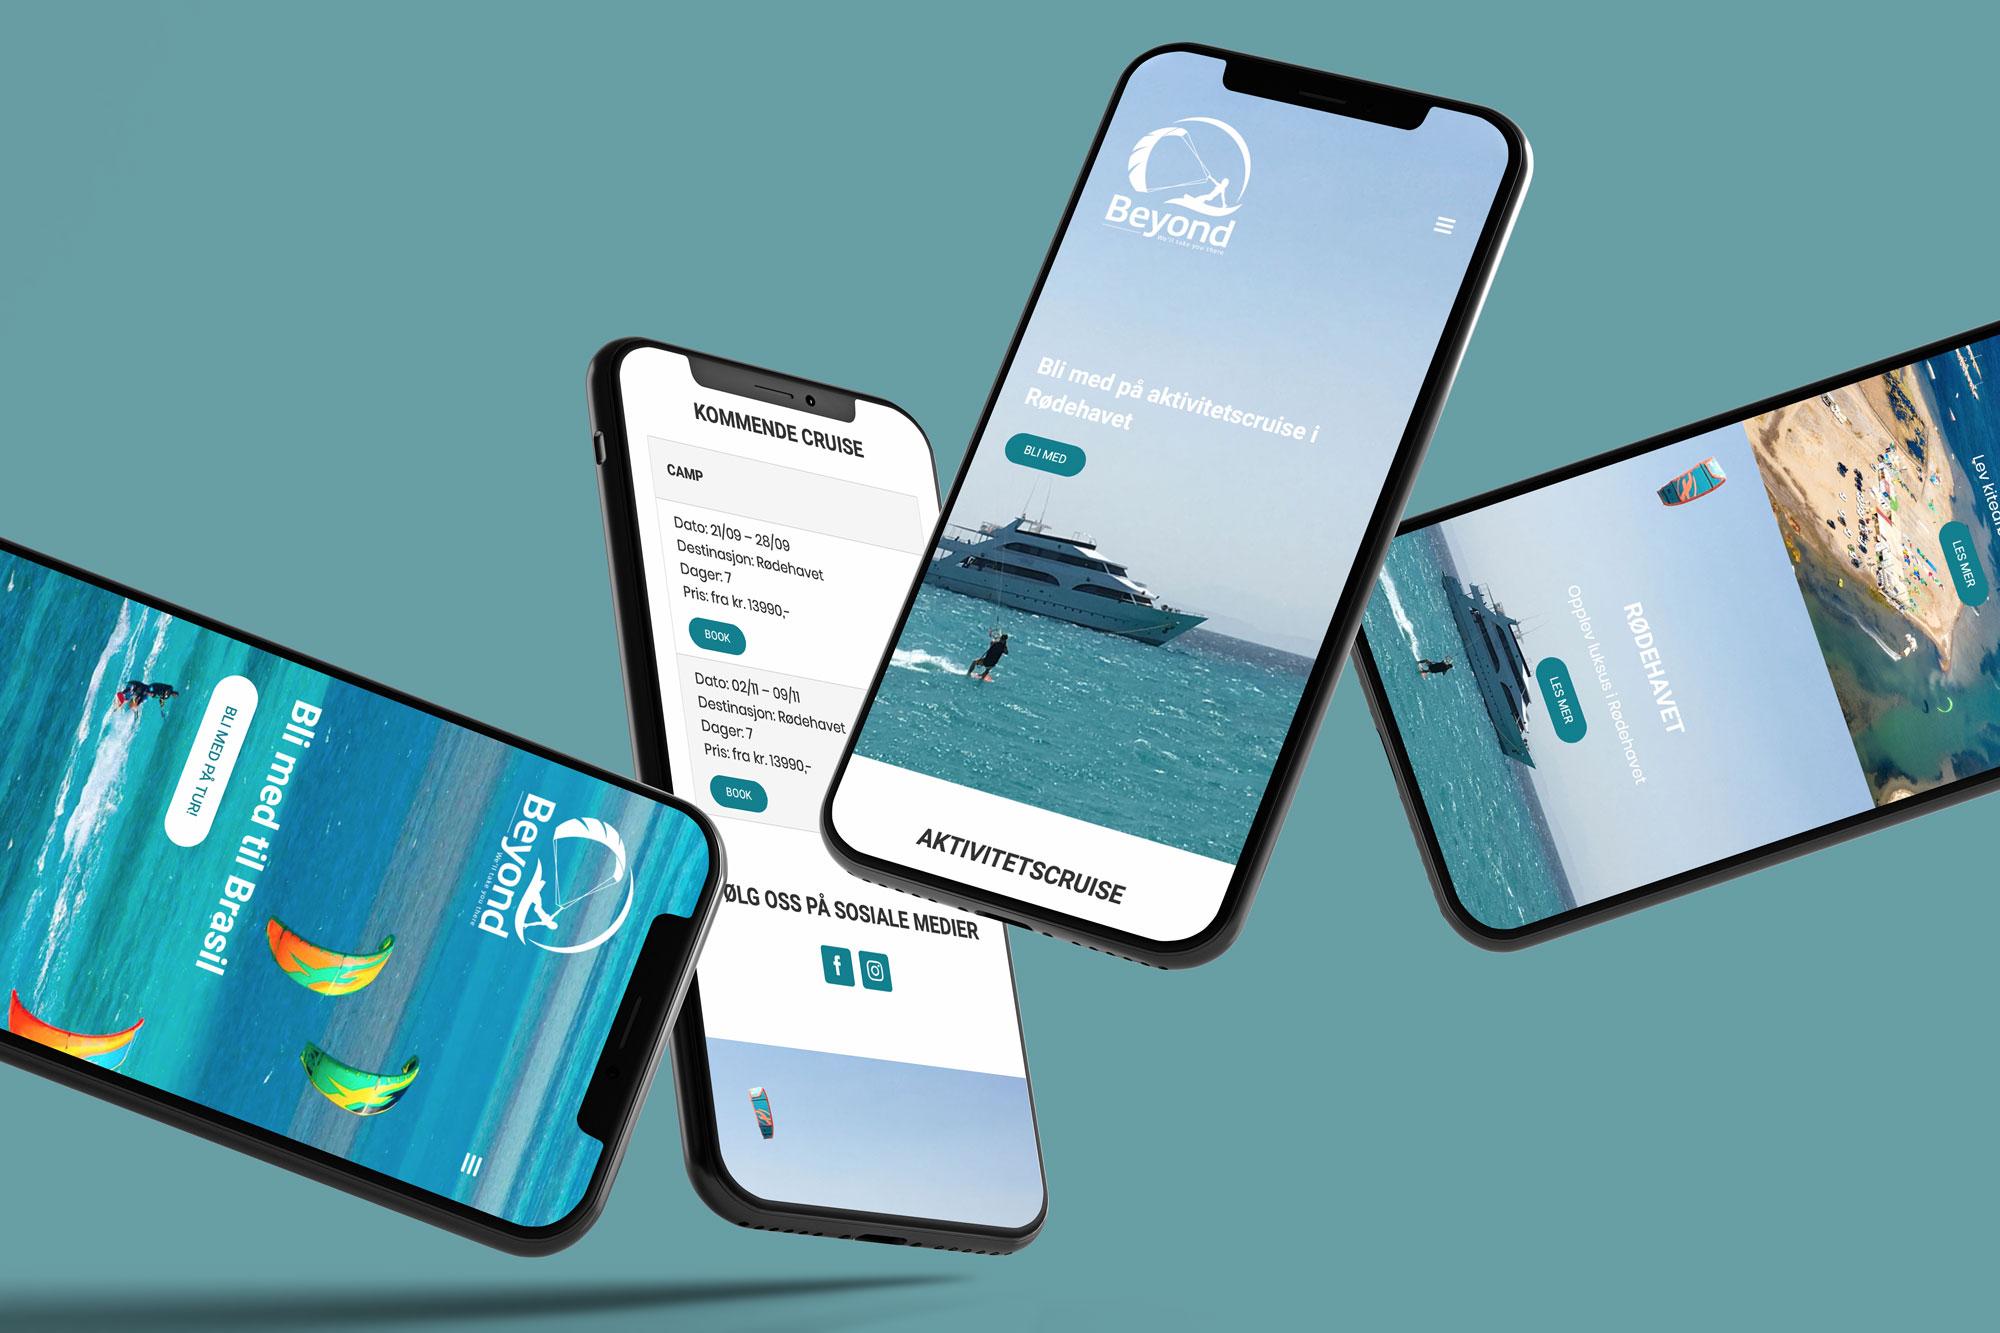 Nettsiden på mobil